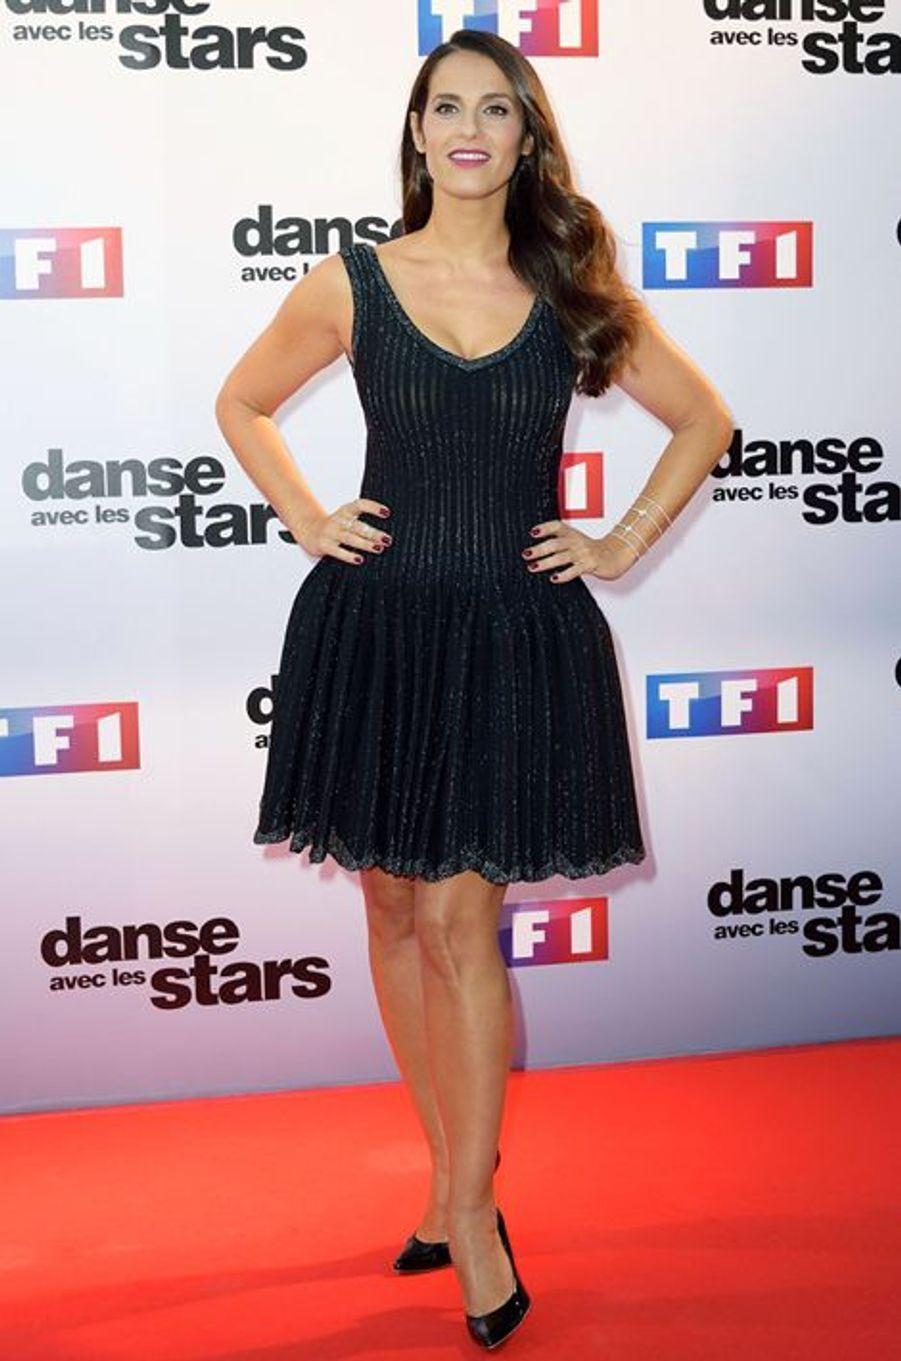 Danse avec les stars 5 : la chanteuse Elisa Tovati